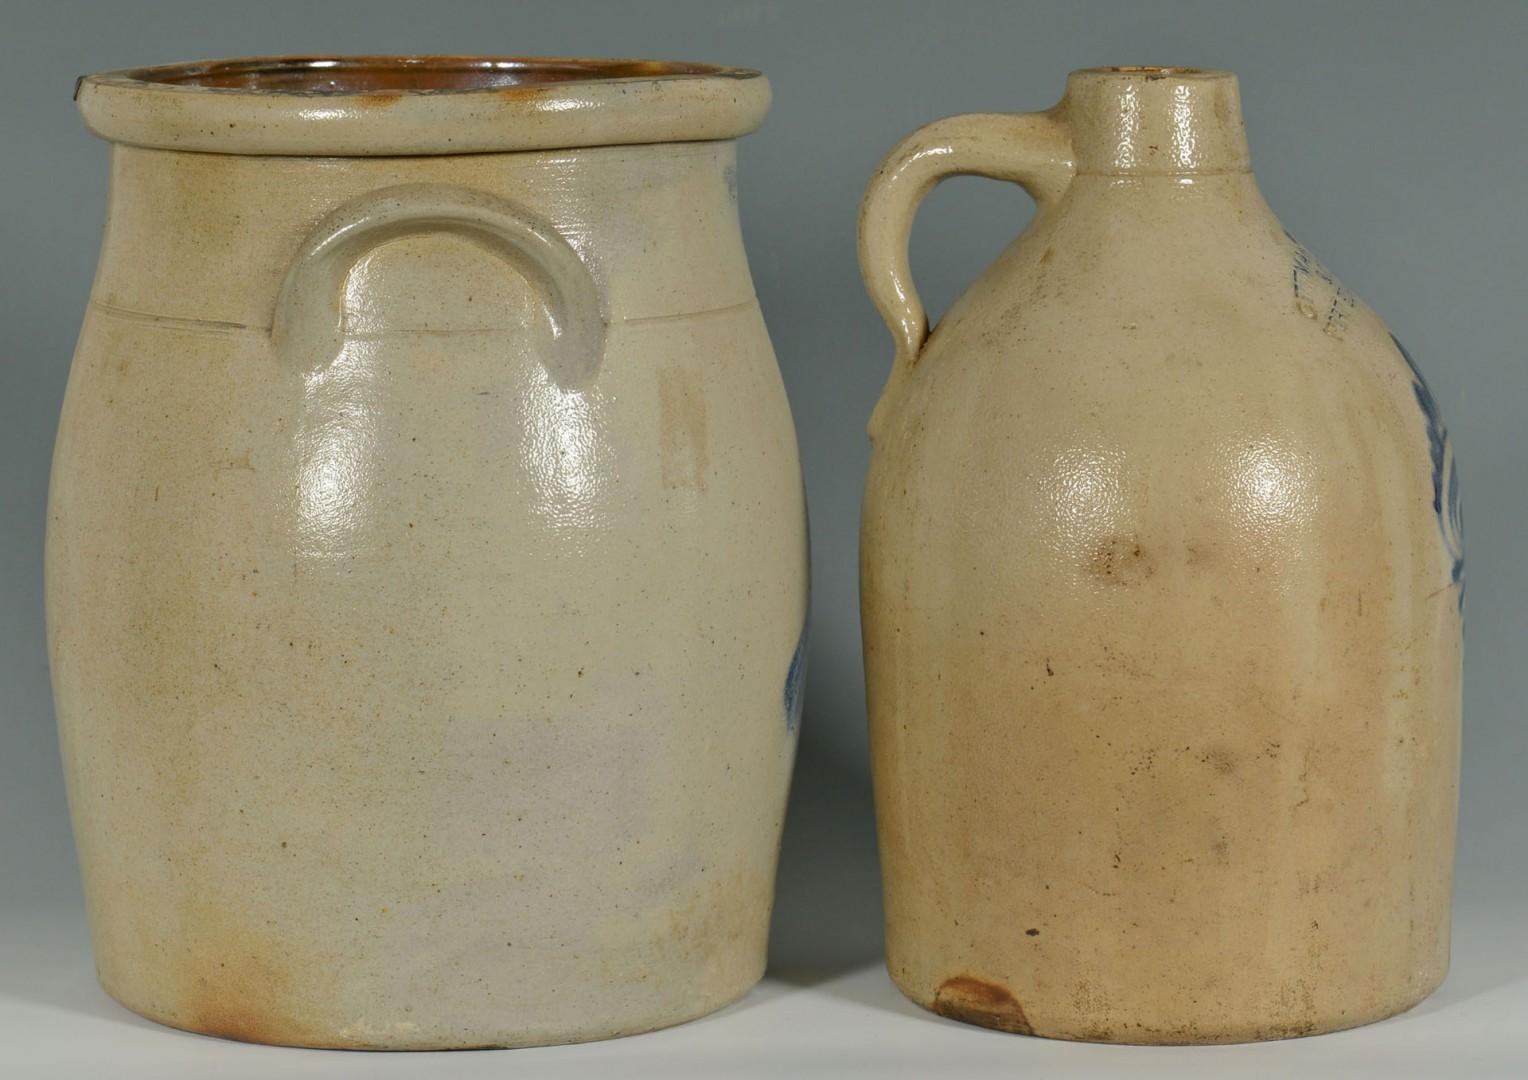 Lot 457: Cobalt Decorated Stoneware Jug and Jar, New Englan